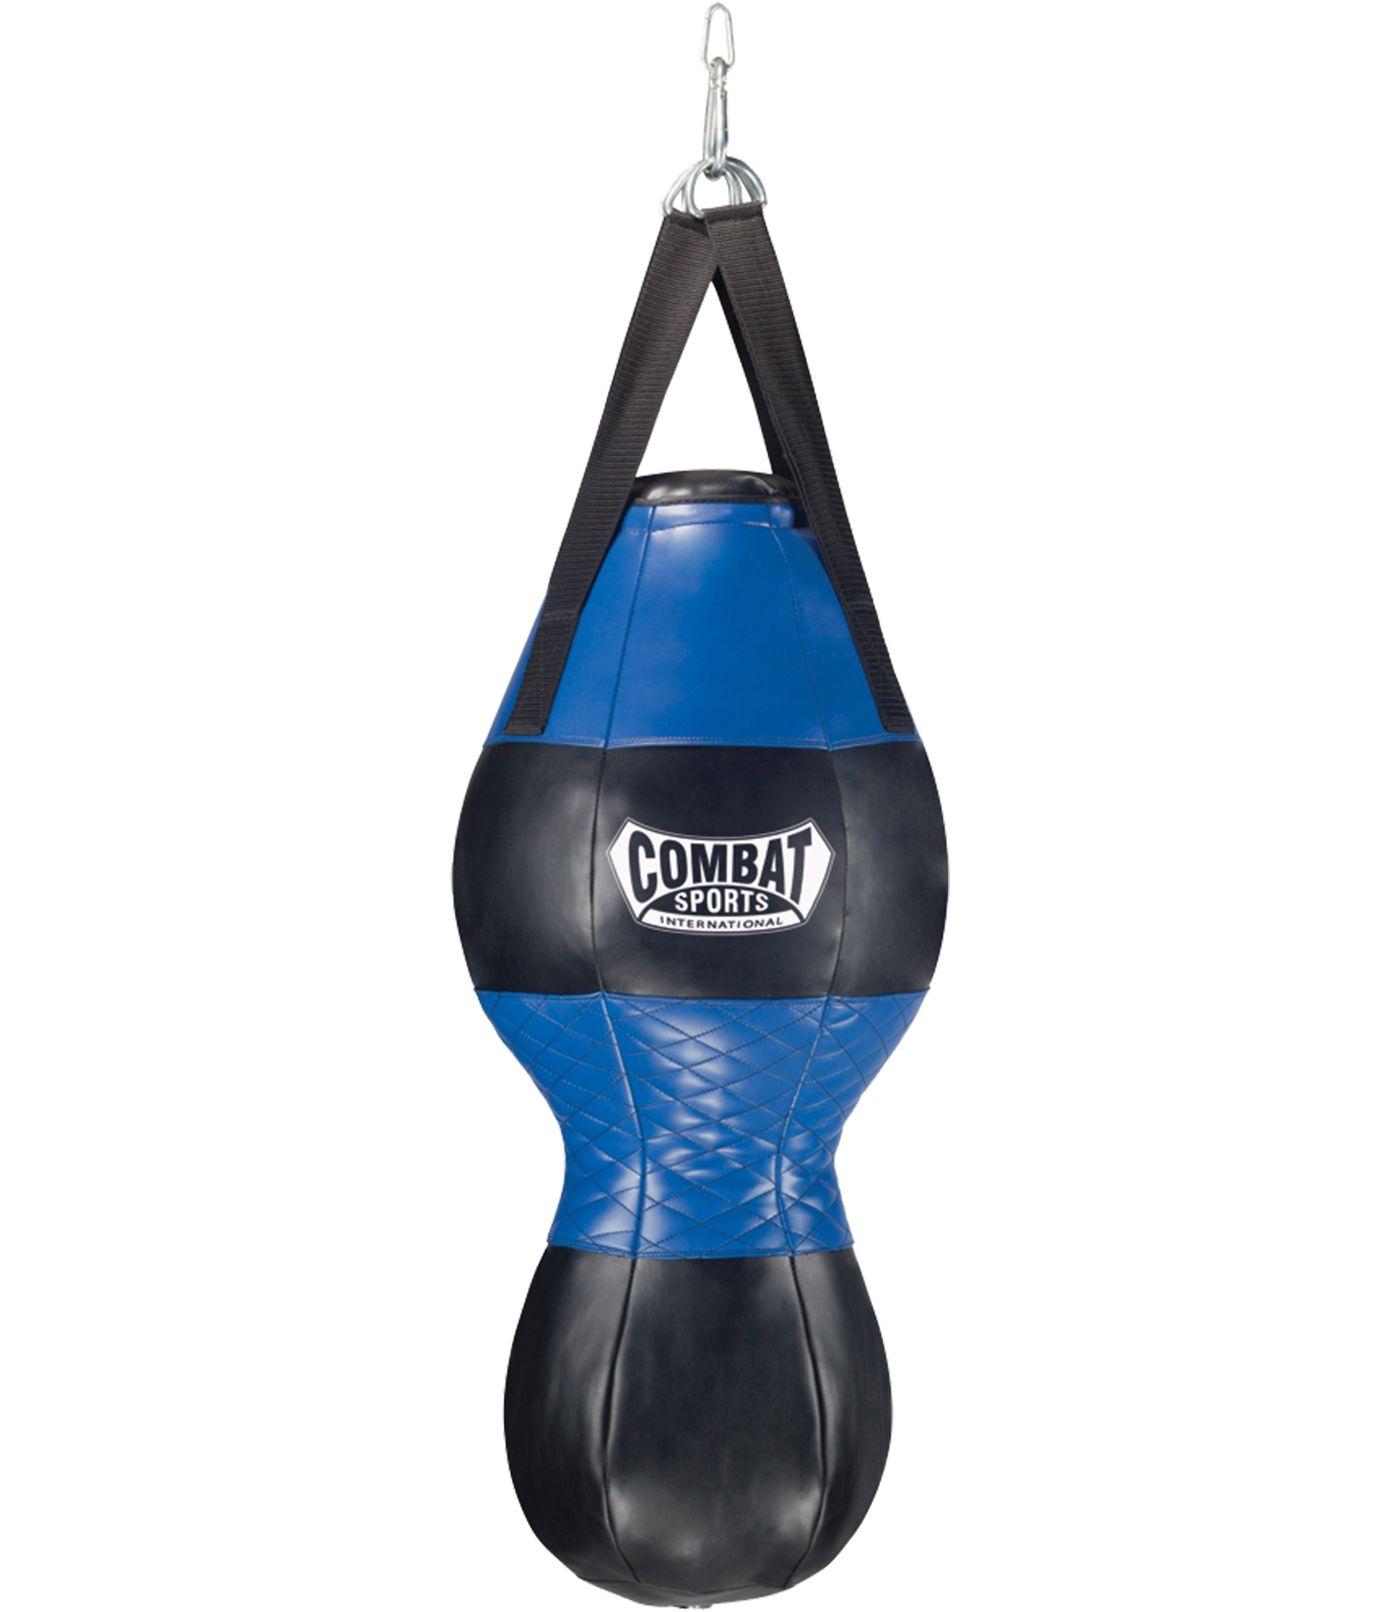 Combat Sports 45 lb Double End Heavy Bag